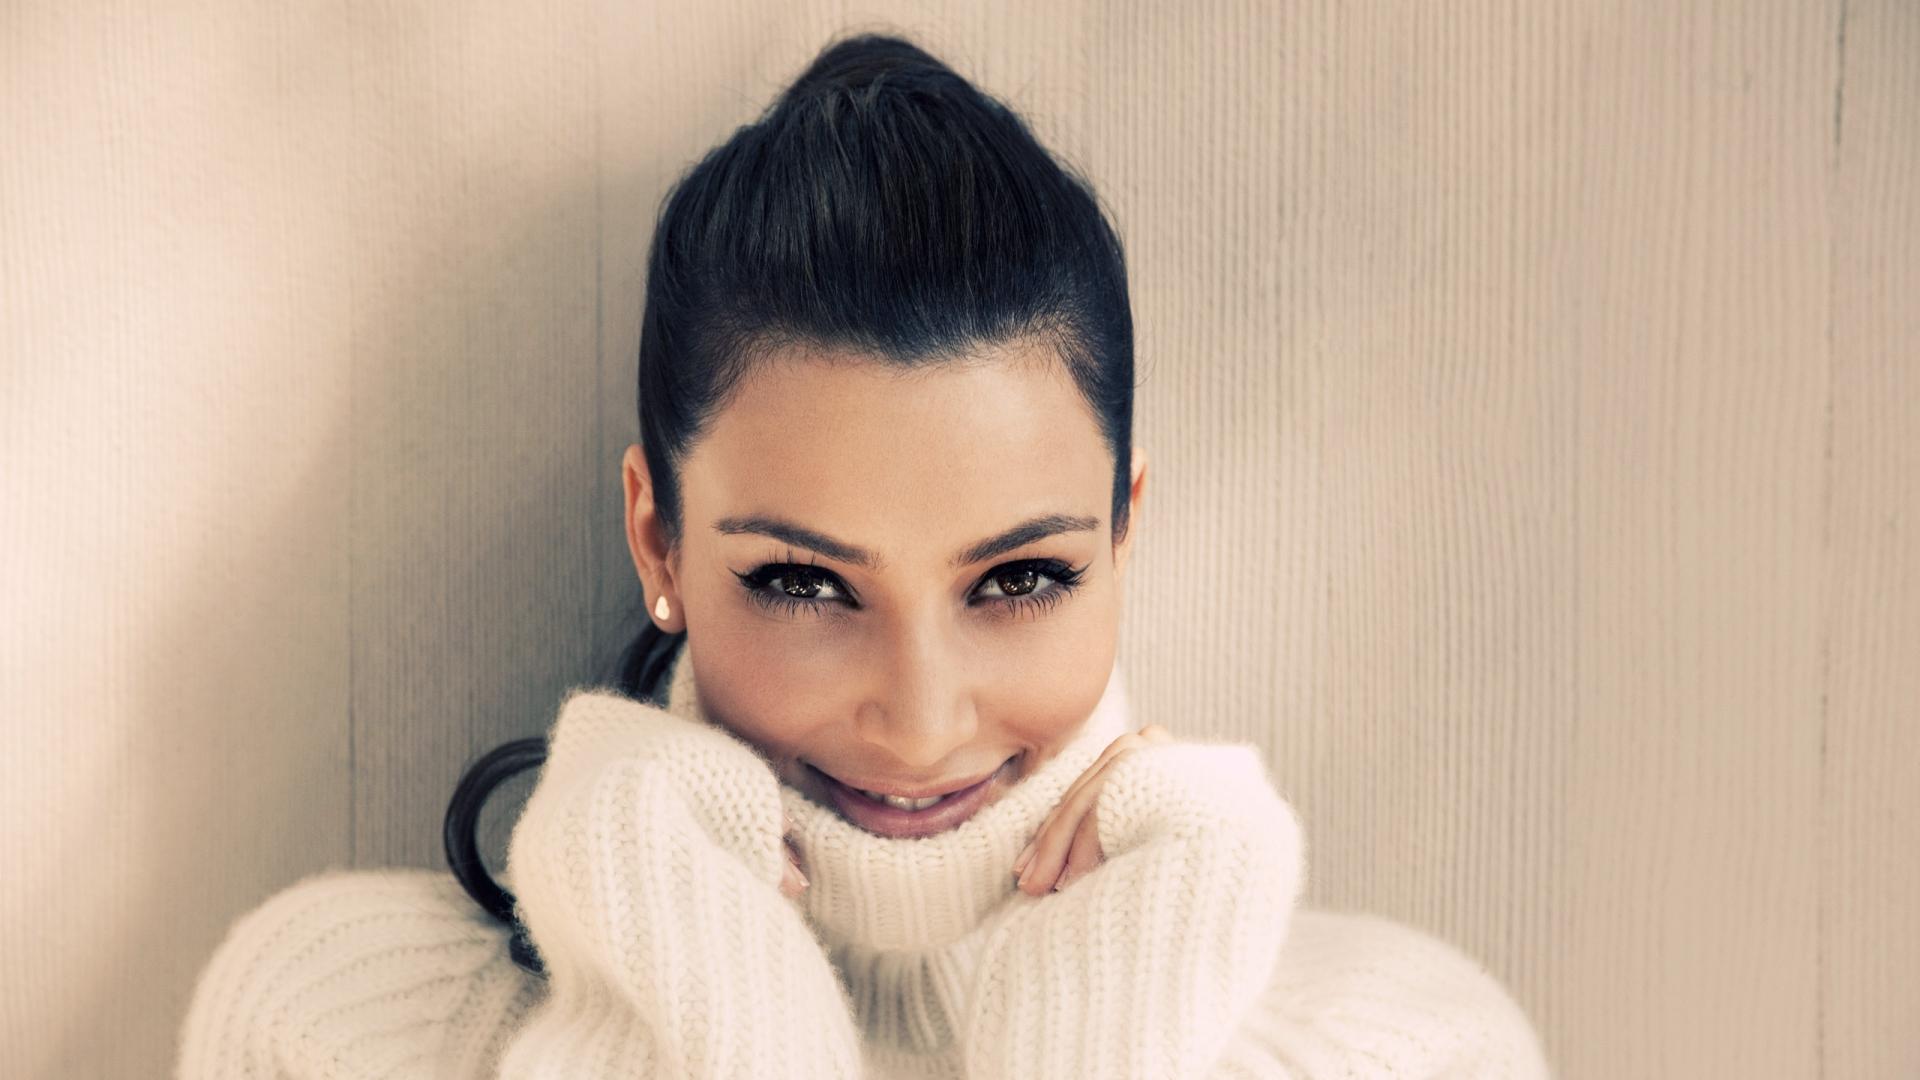 Cute Kim Kardashian - Cute Kim Kardashian